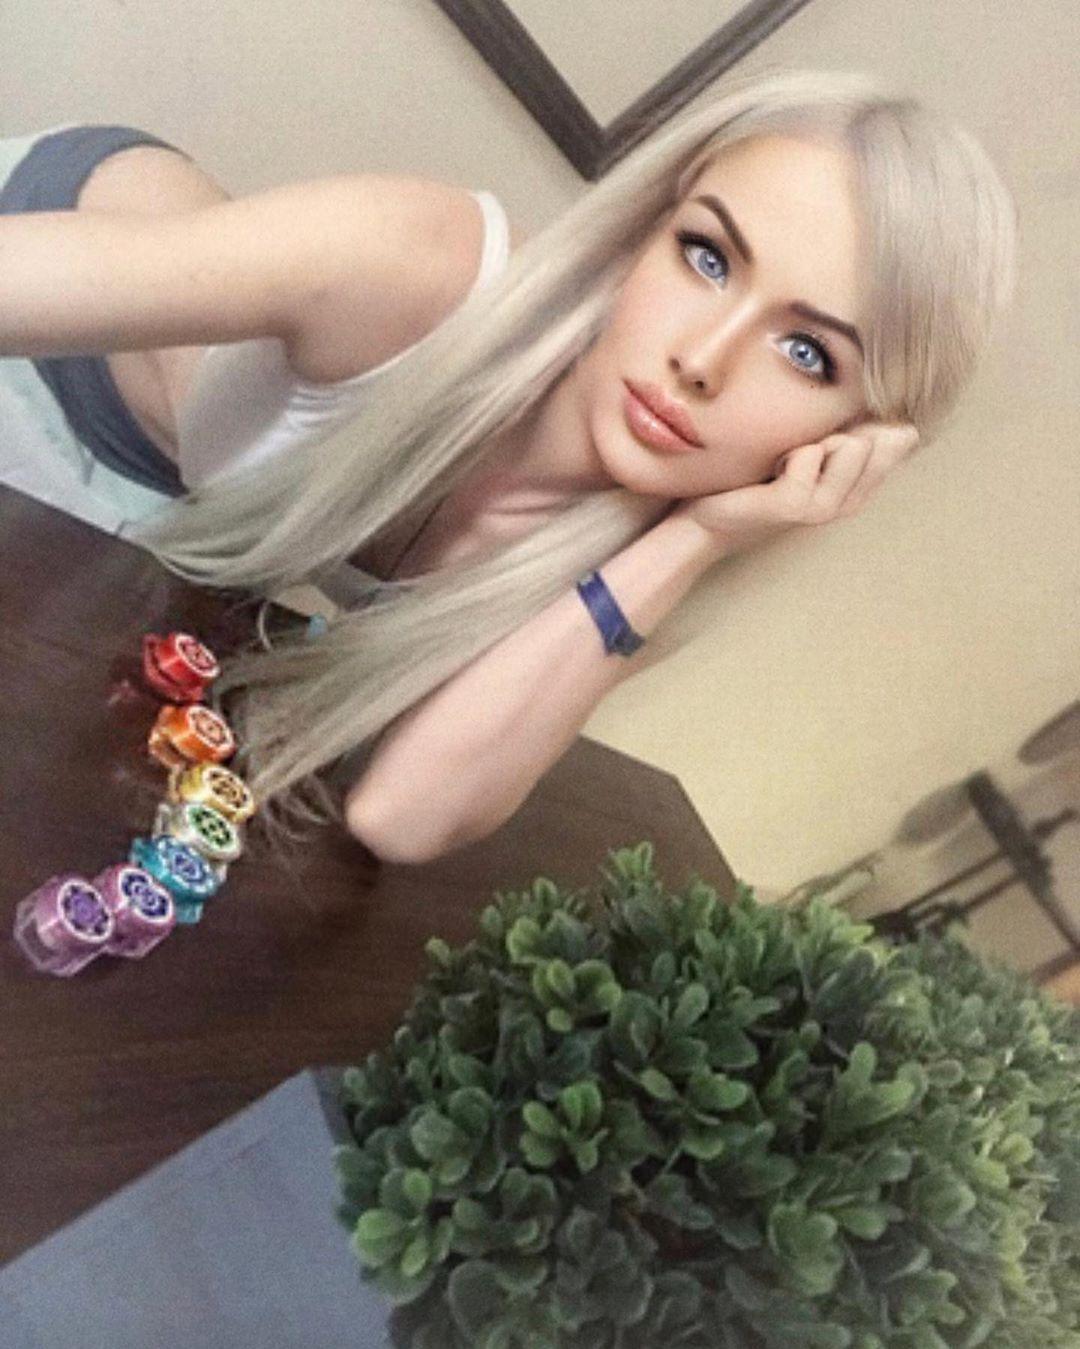 Красотой нужно пользоваться: Одесская Барби превратилась в роковую женщину-вамп